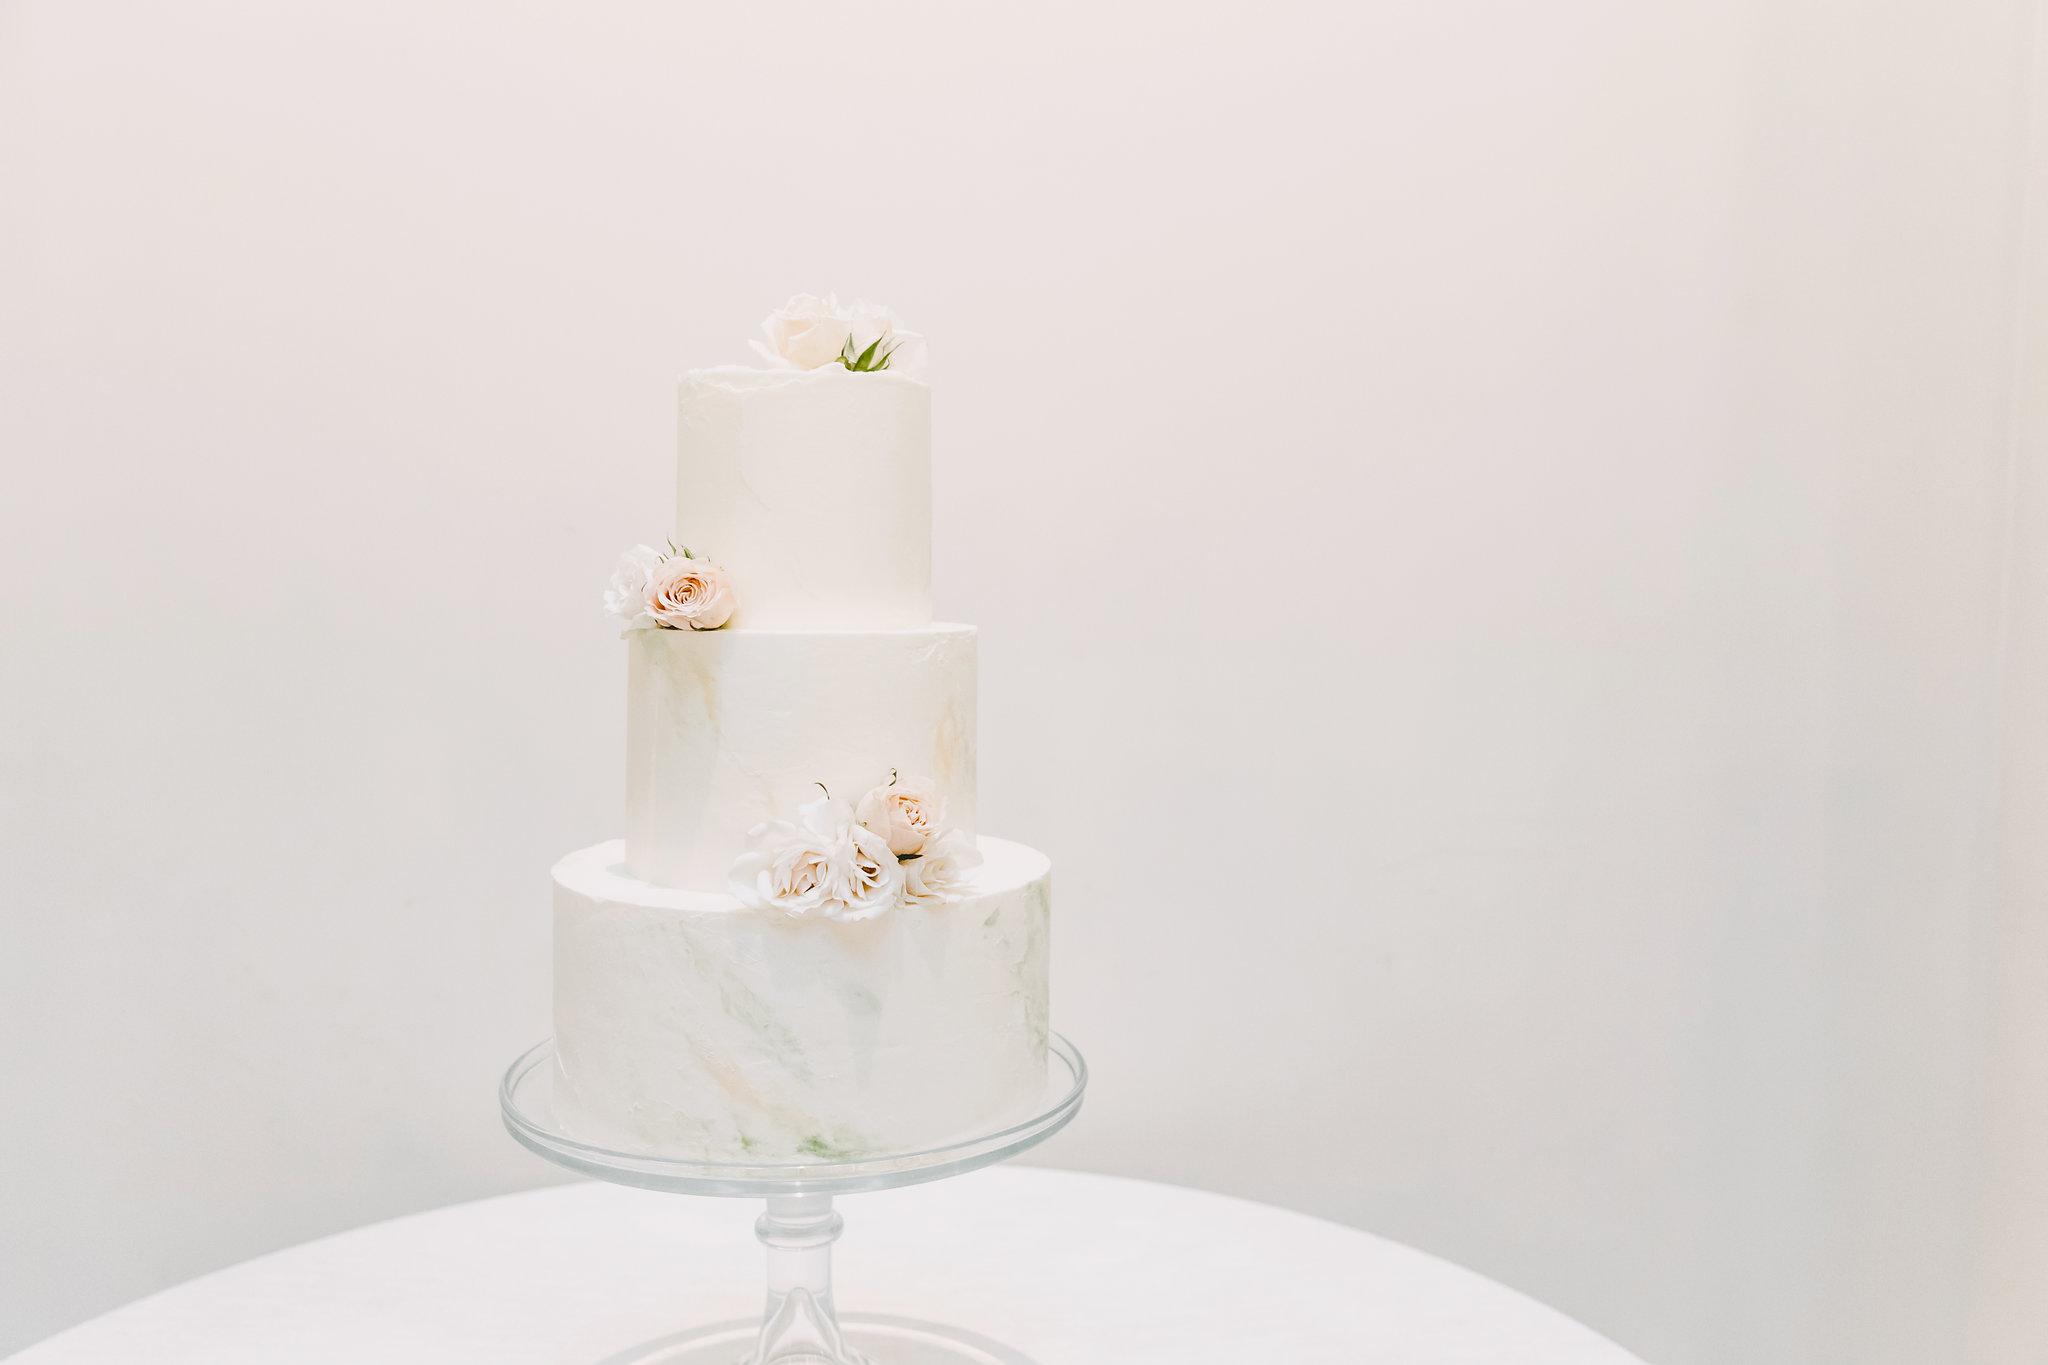 WEDDINGOPENDAY-STATEBUILDINGS-APR2018-34